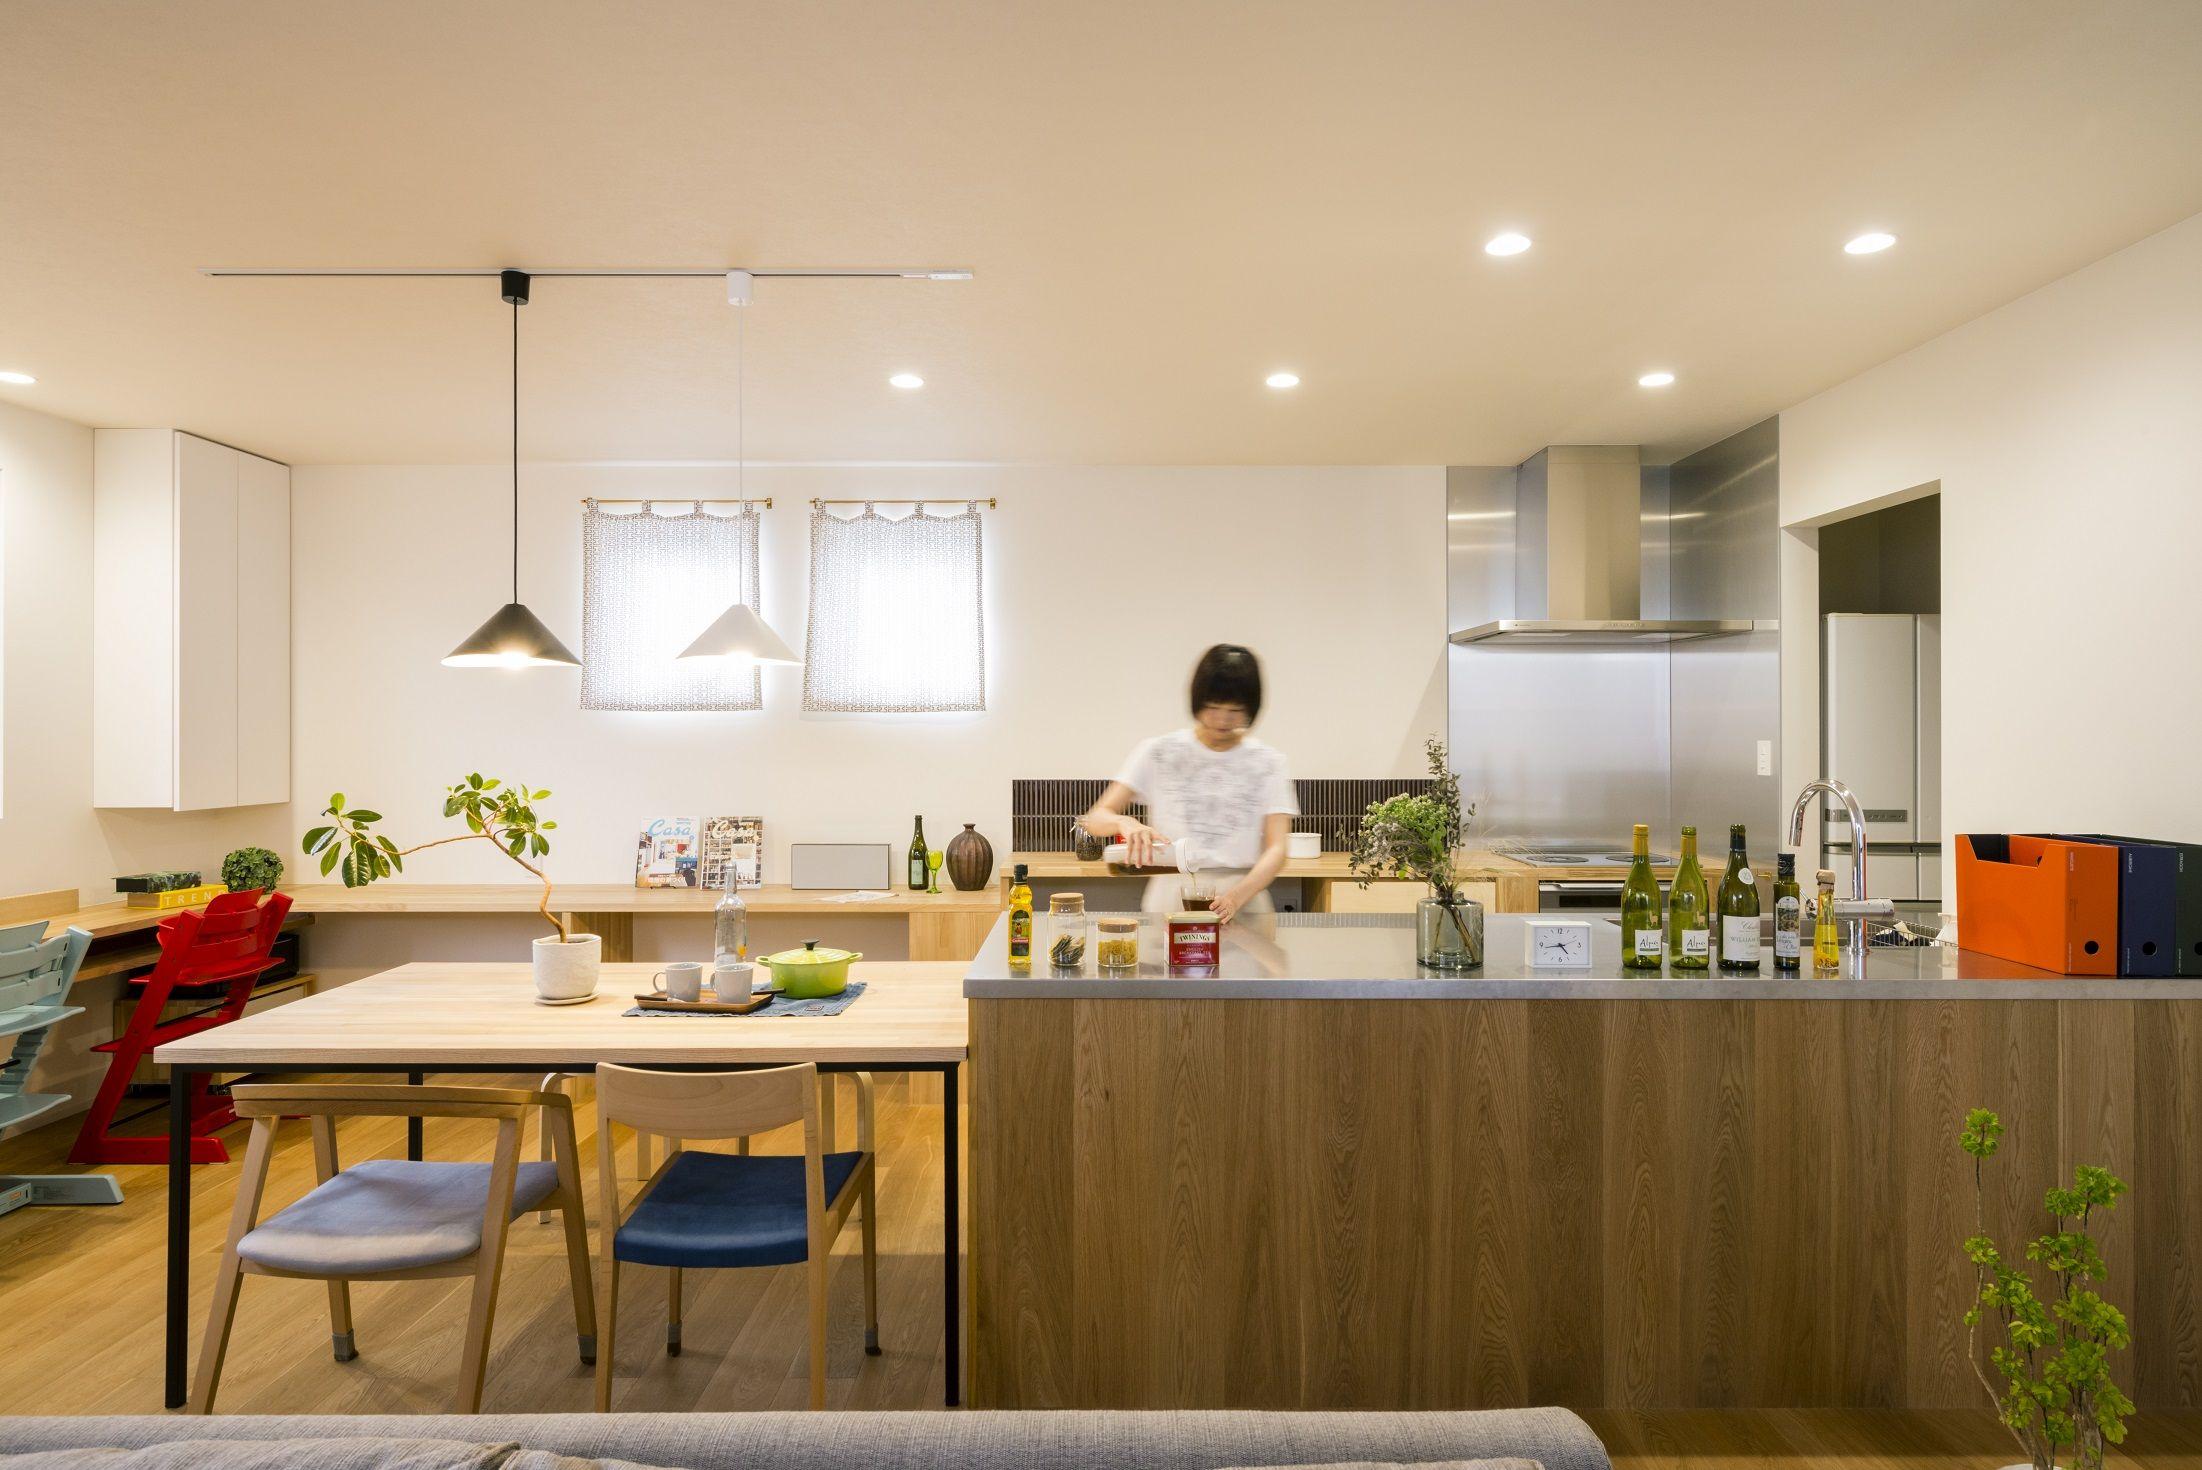 広い作業台のあるニ型キッチン ステンレスとオーク材で造作した